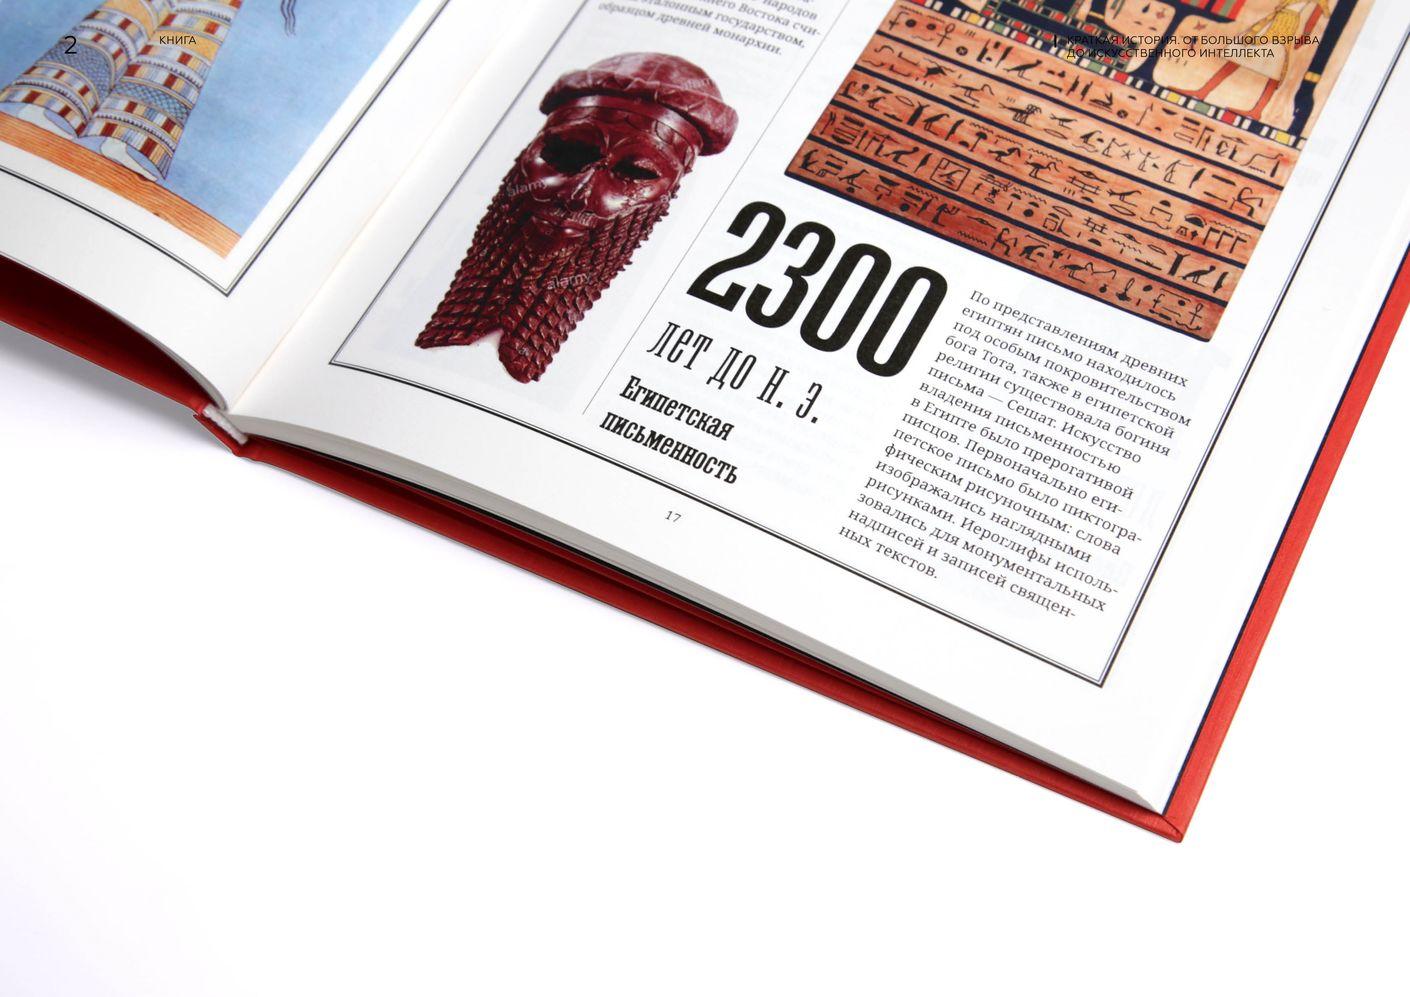 Краткая история. От Большого взрыва до искусственного интеллекта, визуальное исследование Лаборатории дизайна ниу вшэ - hsedesignlab.ru.